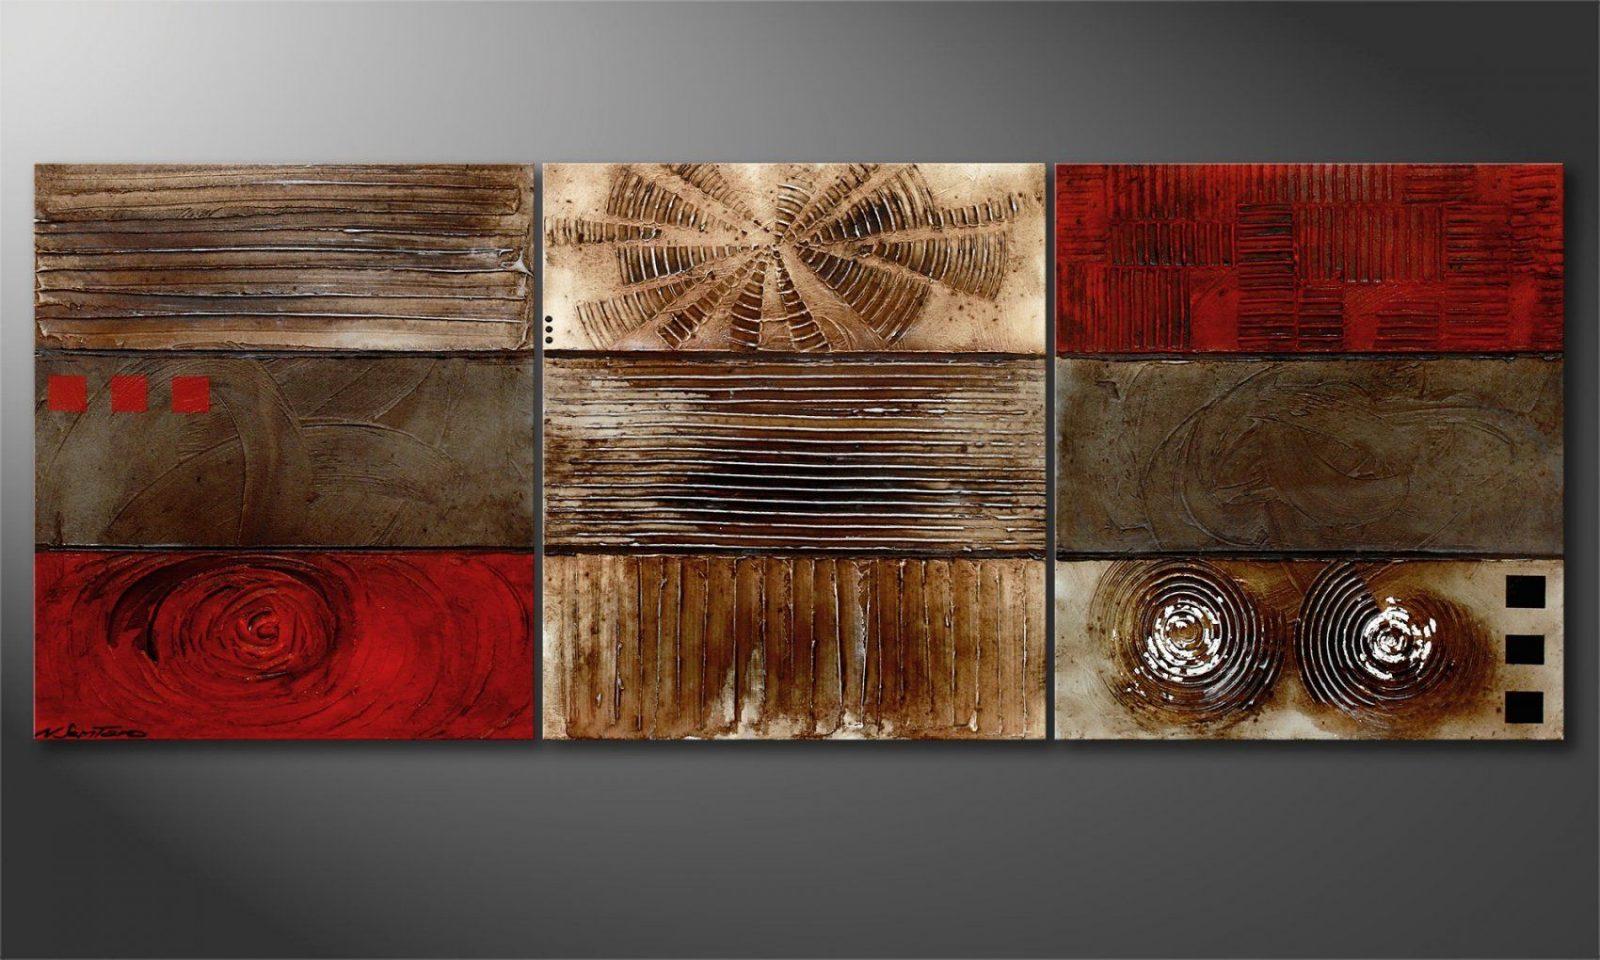 Handgemalte bilder auf leinwand abstrakt haus design ideen - Handgemalte bilder auf leinwand abstrakt ...